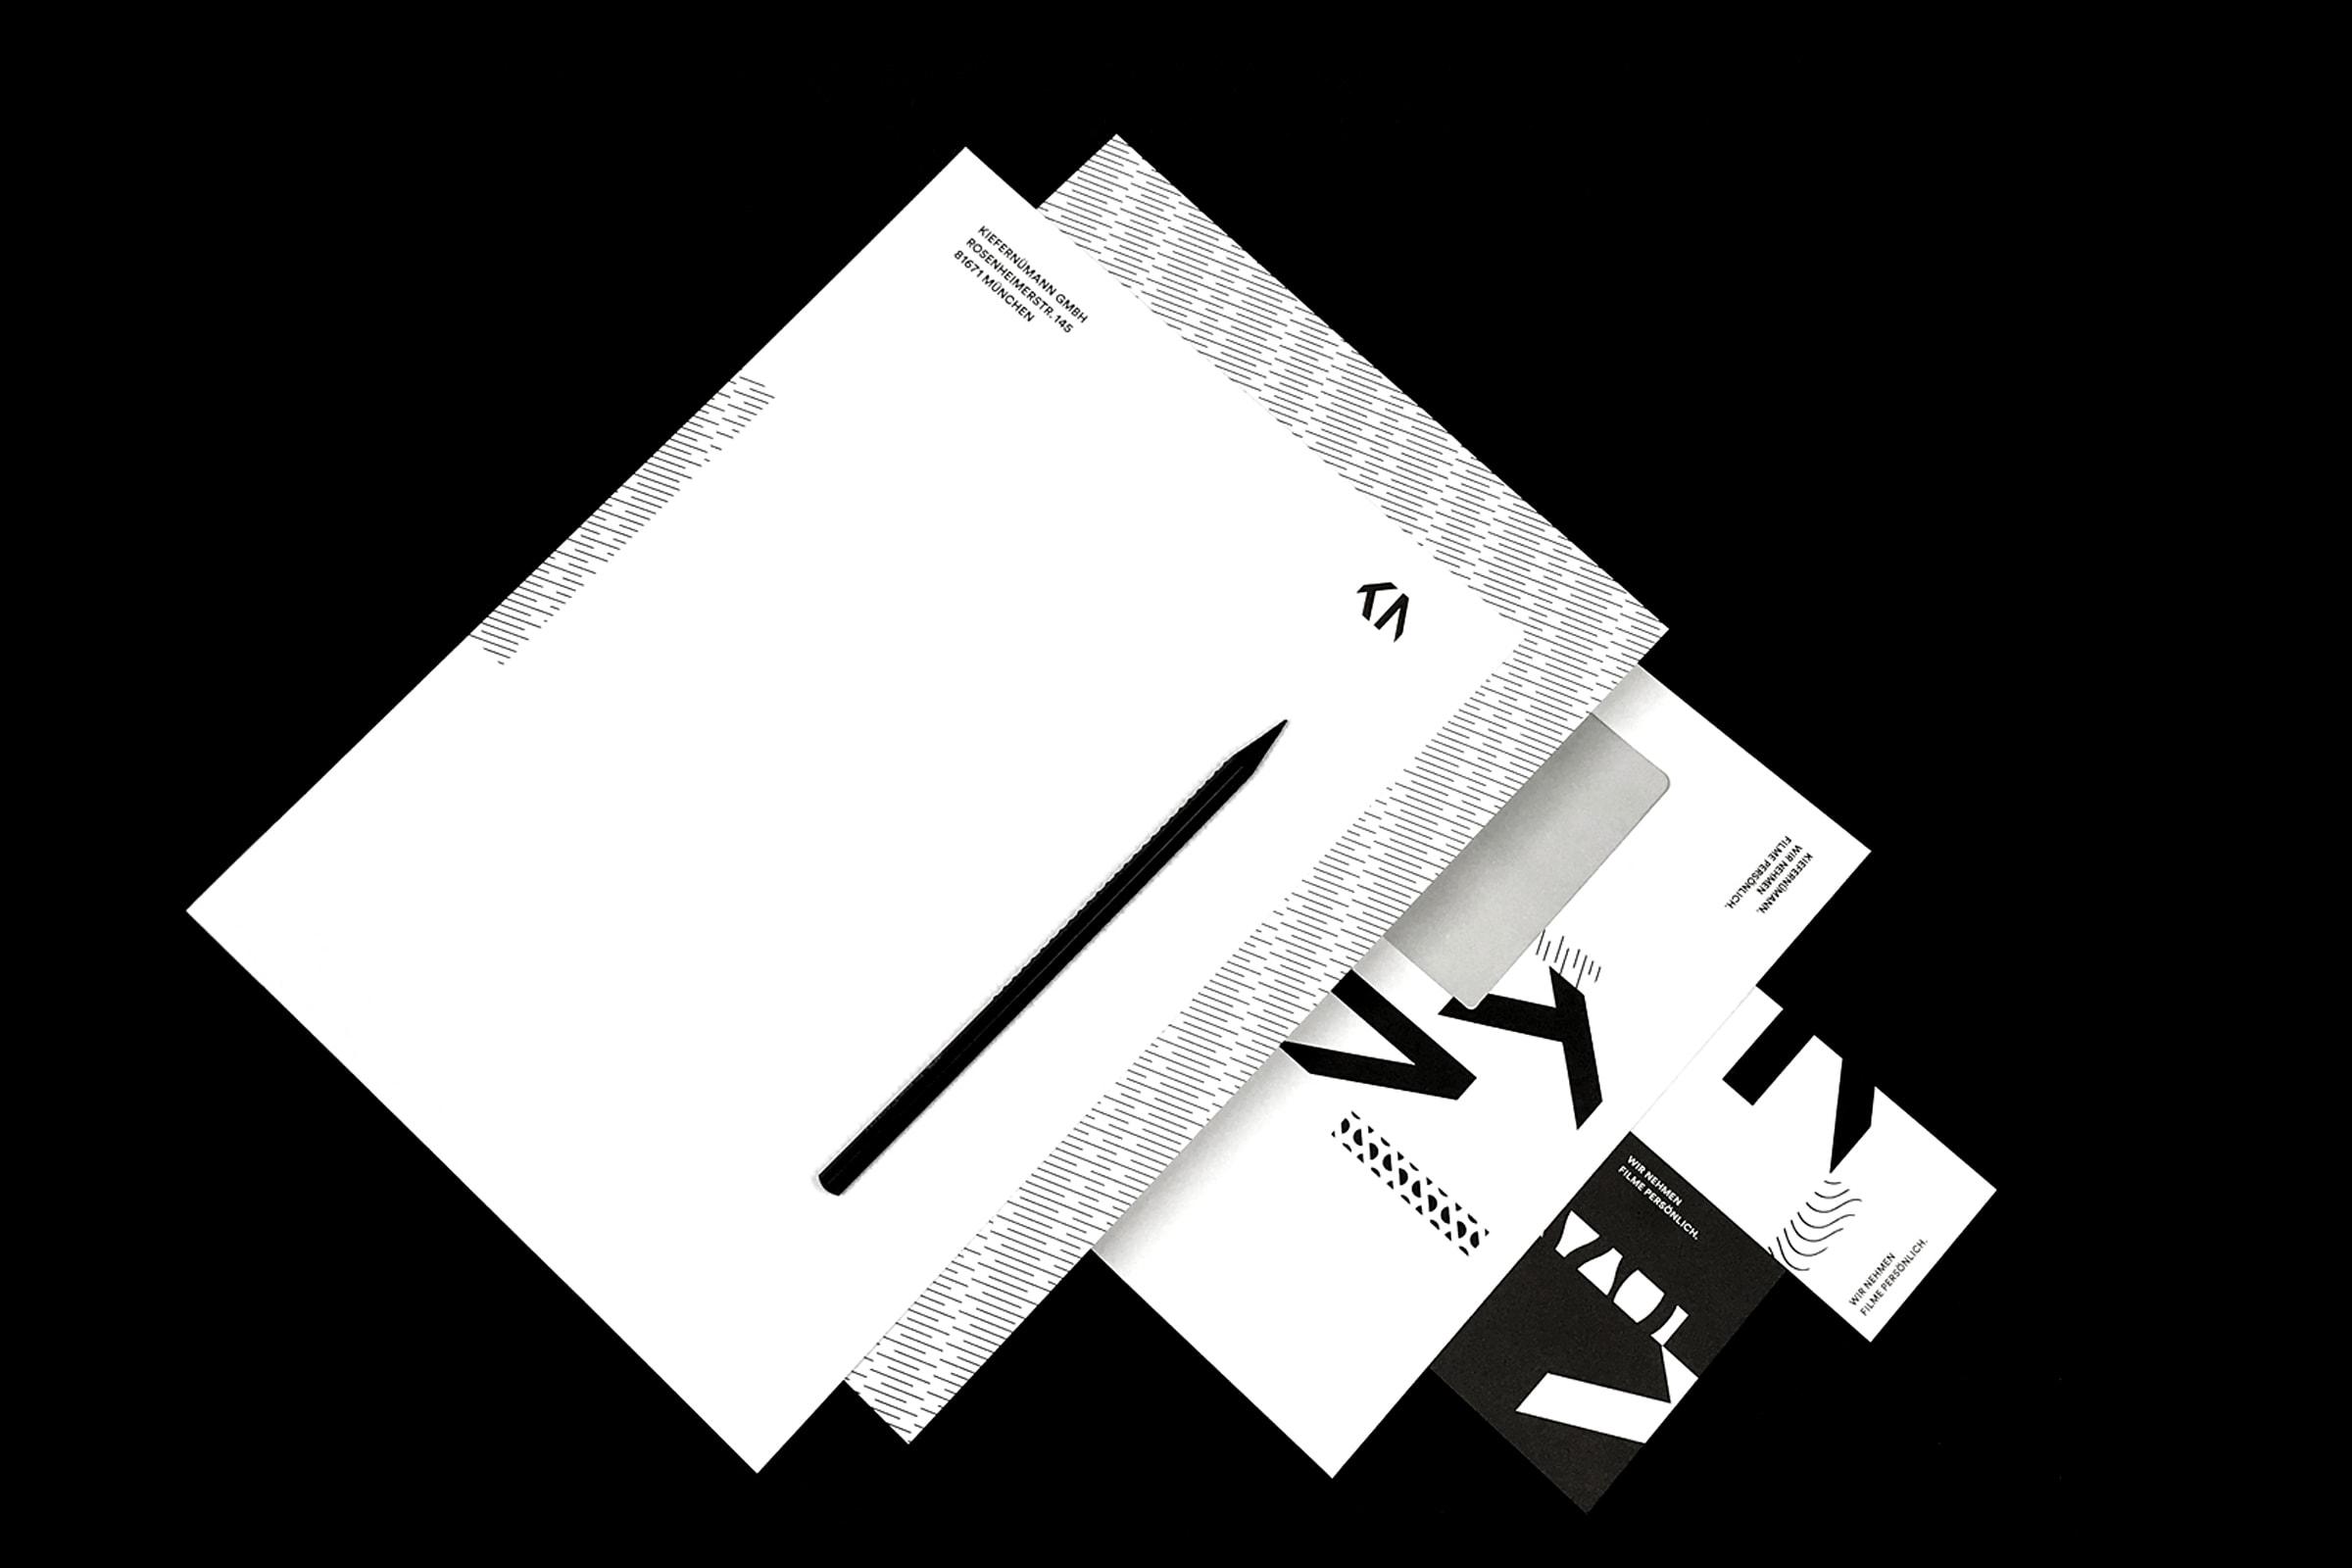 KieferNümann, Geschäftsausstattung, Corporate Identity